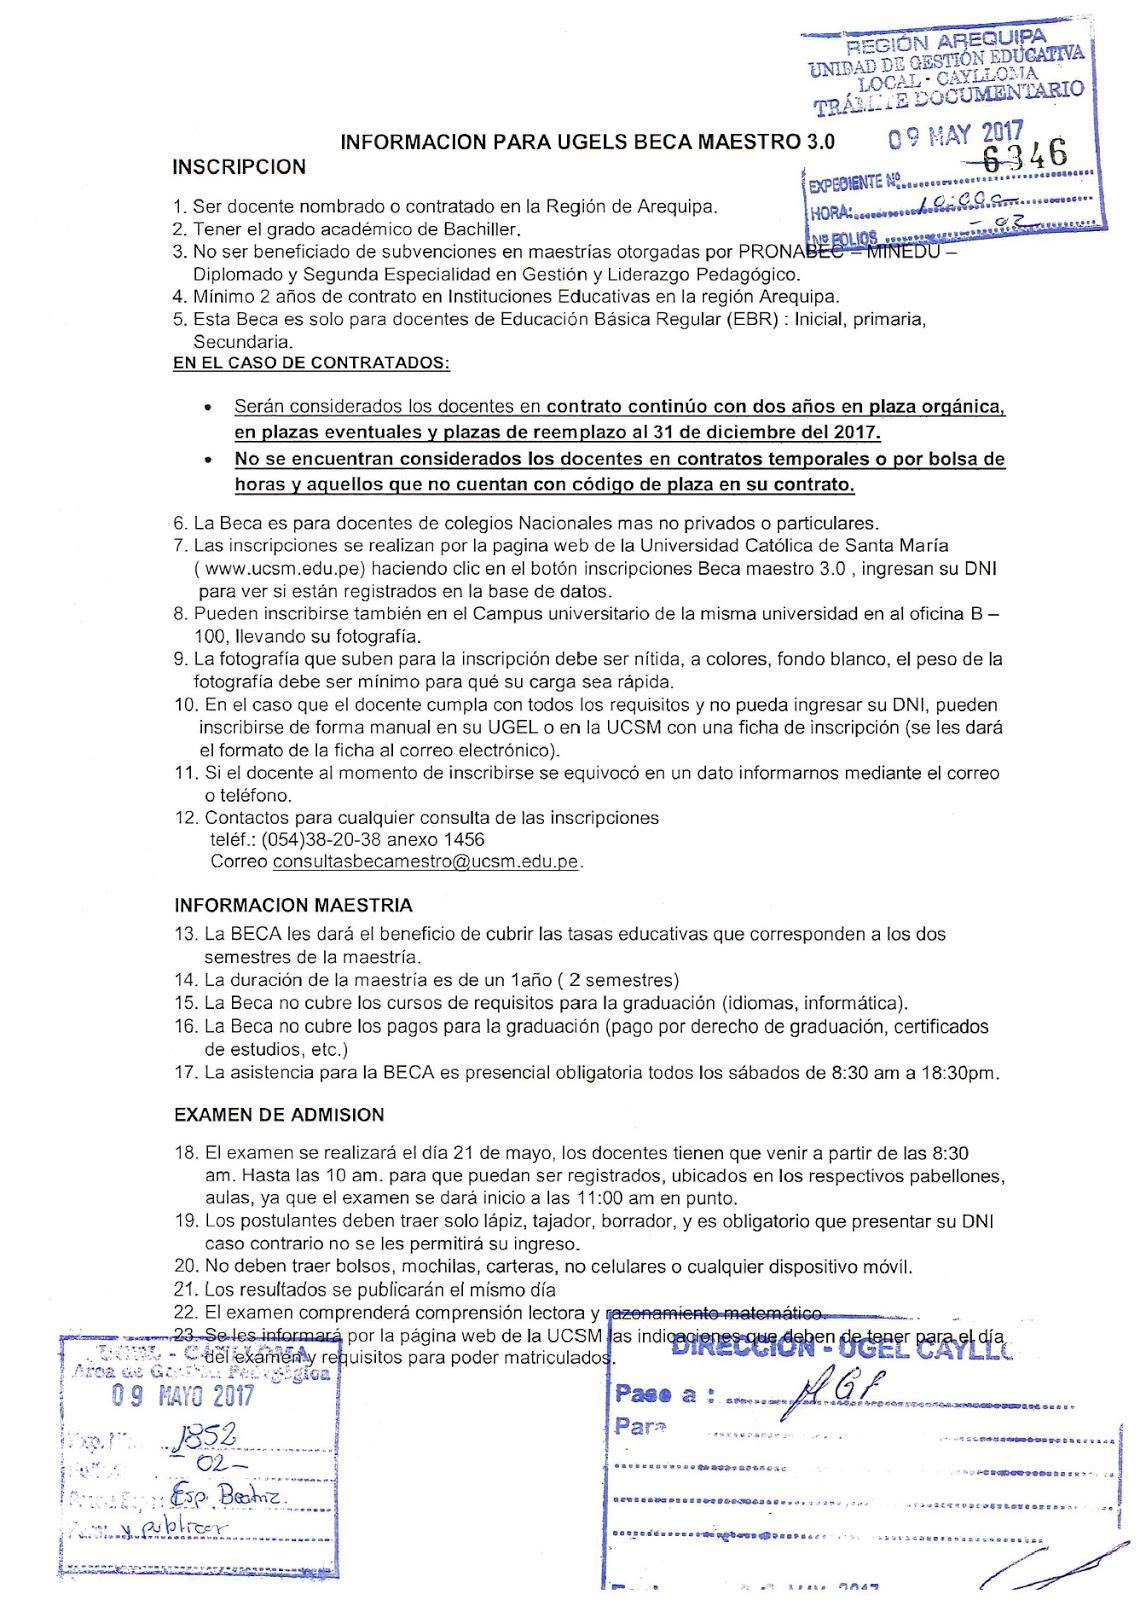 Moderno Reanudar La Beca Compañera Foto - Colección De Plantillas De ...